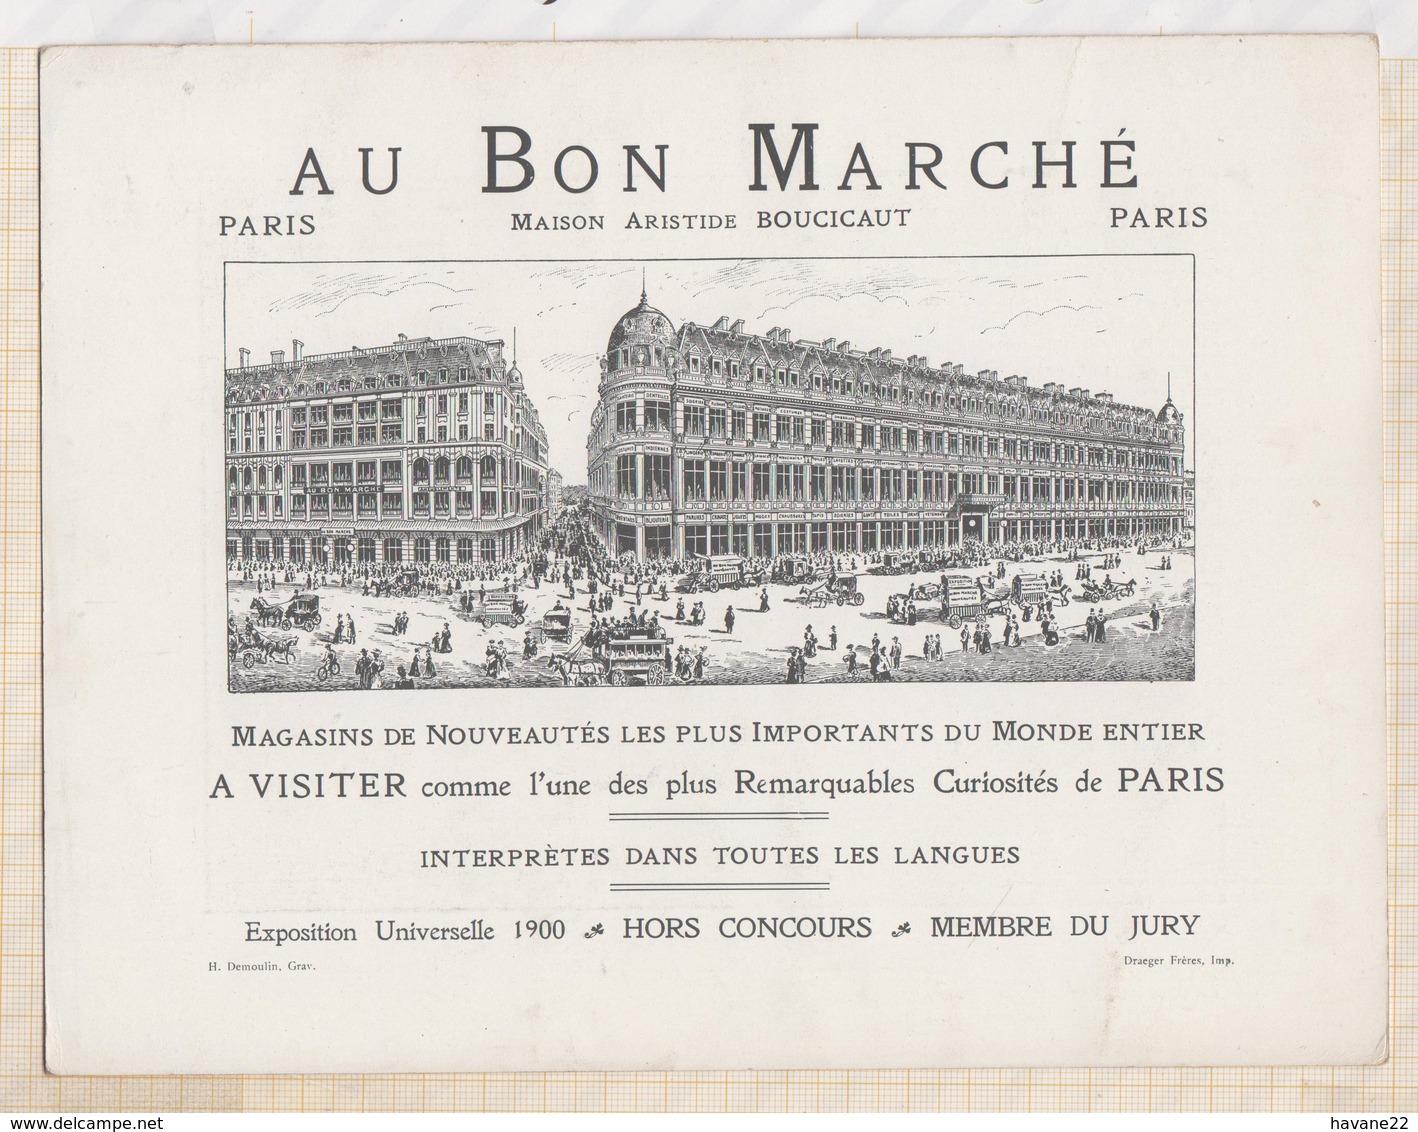 810209 GM CHROMO AU BON MARCHE L'ENFANCE LANCRET - Au Bon Marché